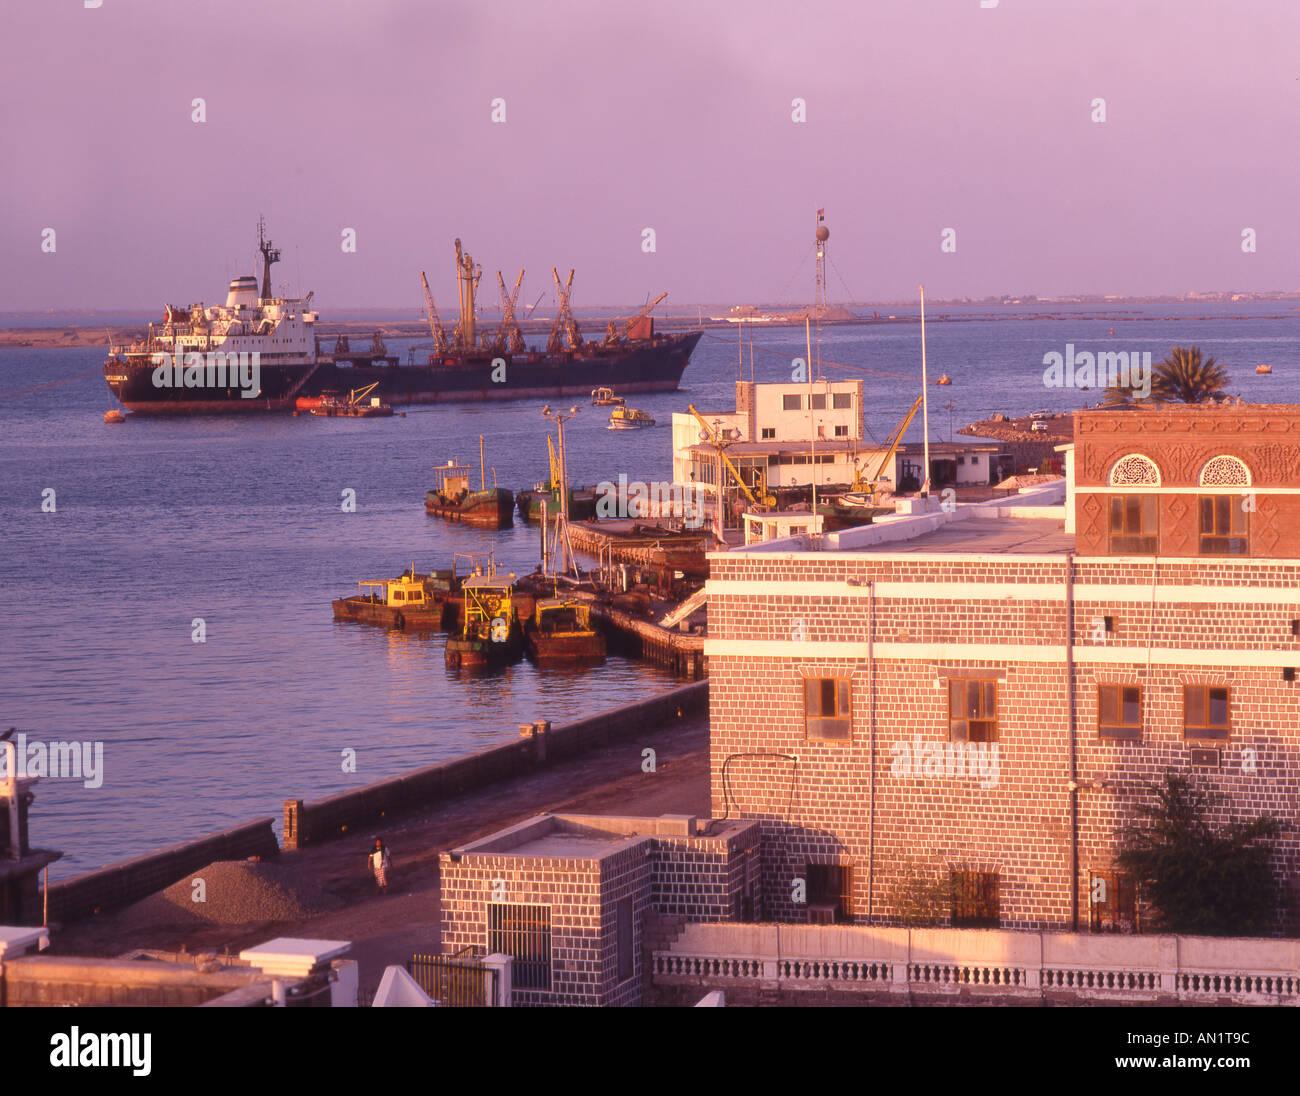 Yemen Aden harbour - Stock Image